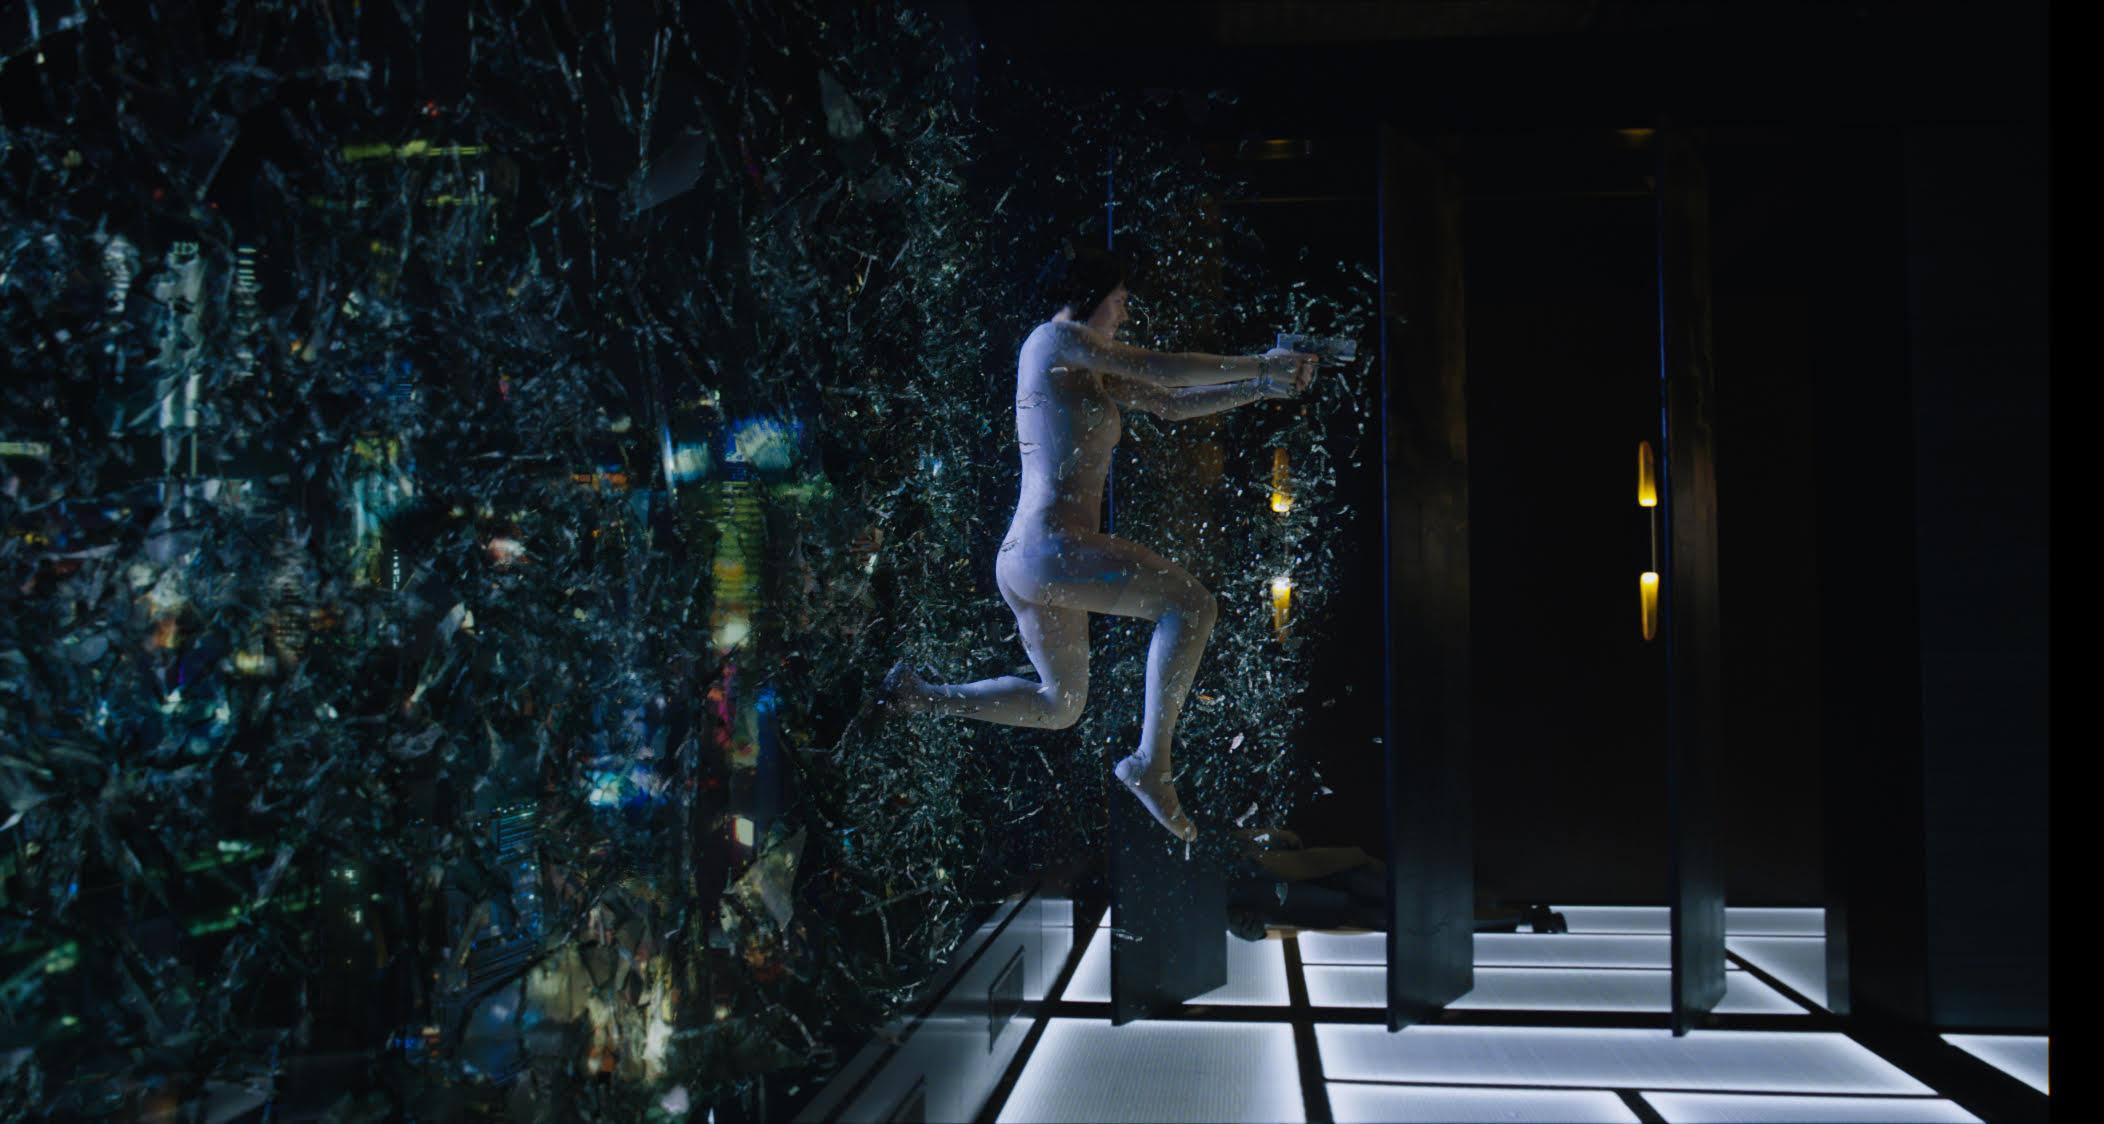 《攻壳机动队》(真人版)——寡姐最强body 娱乐影评 第3张